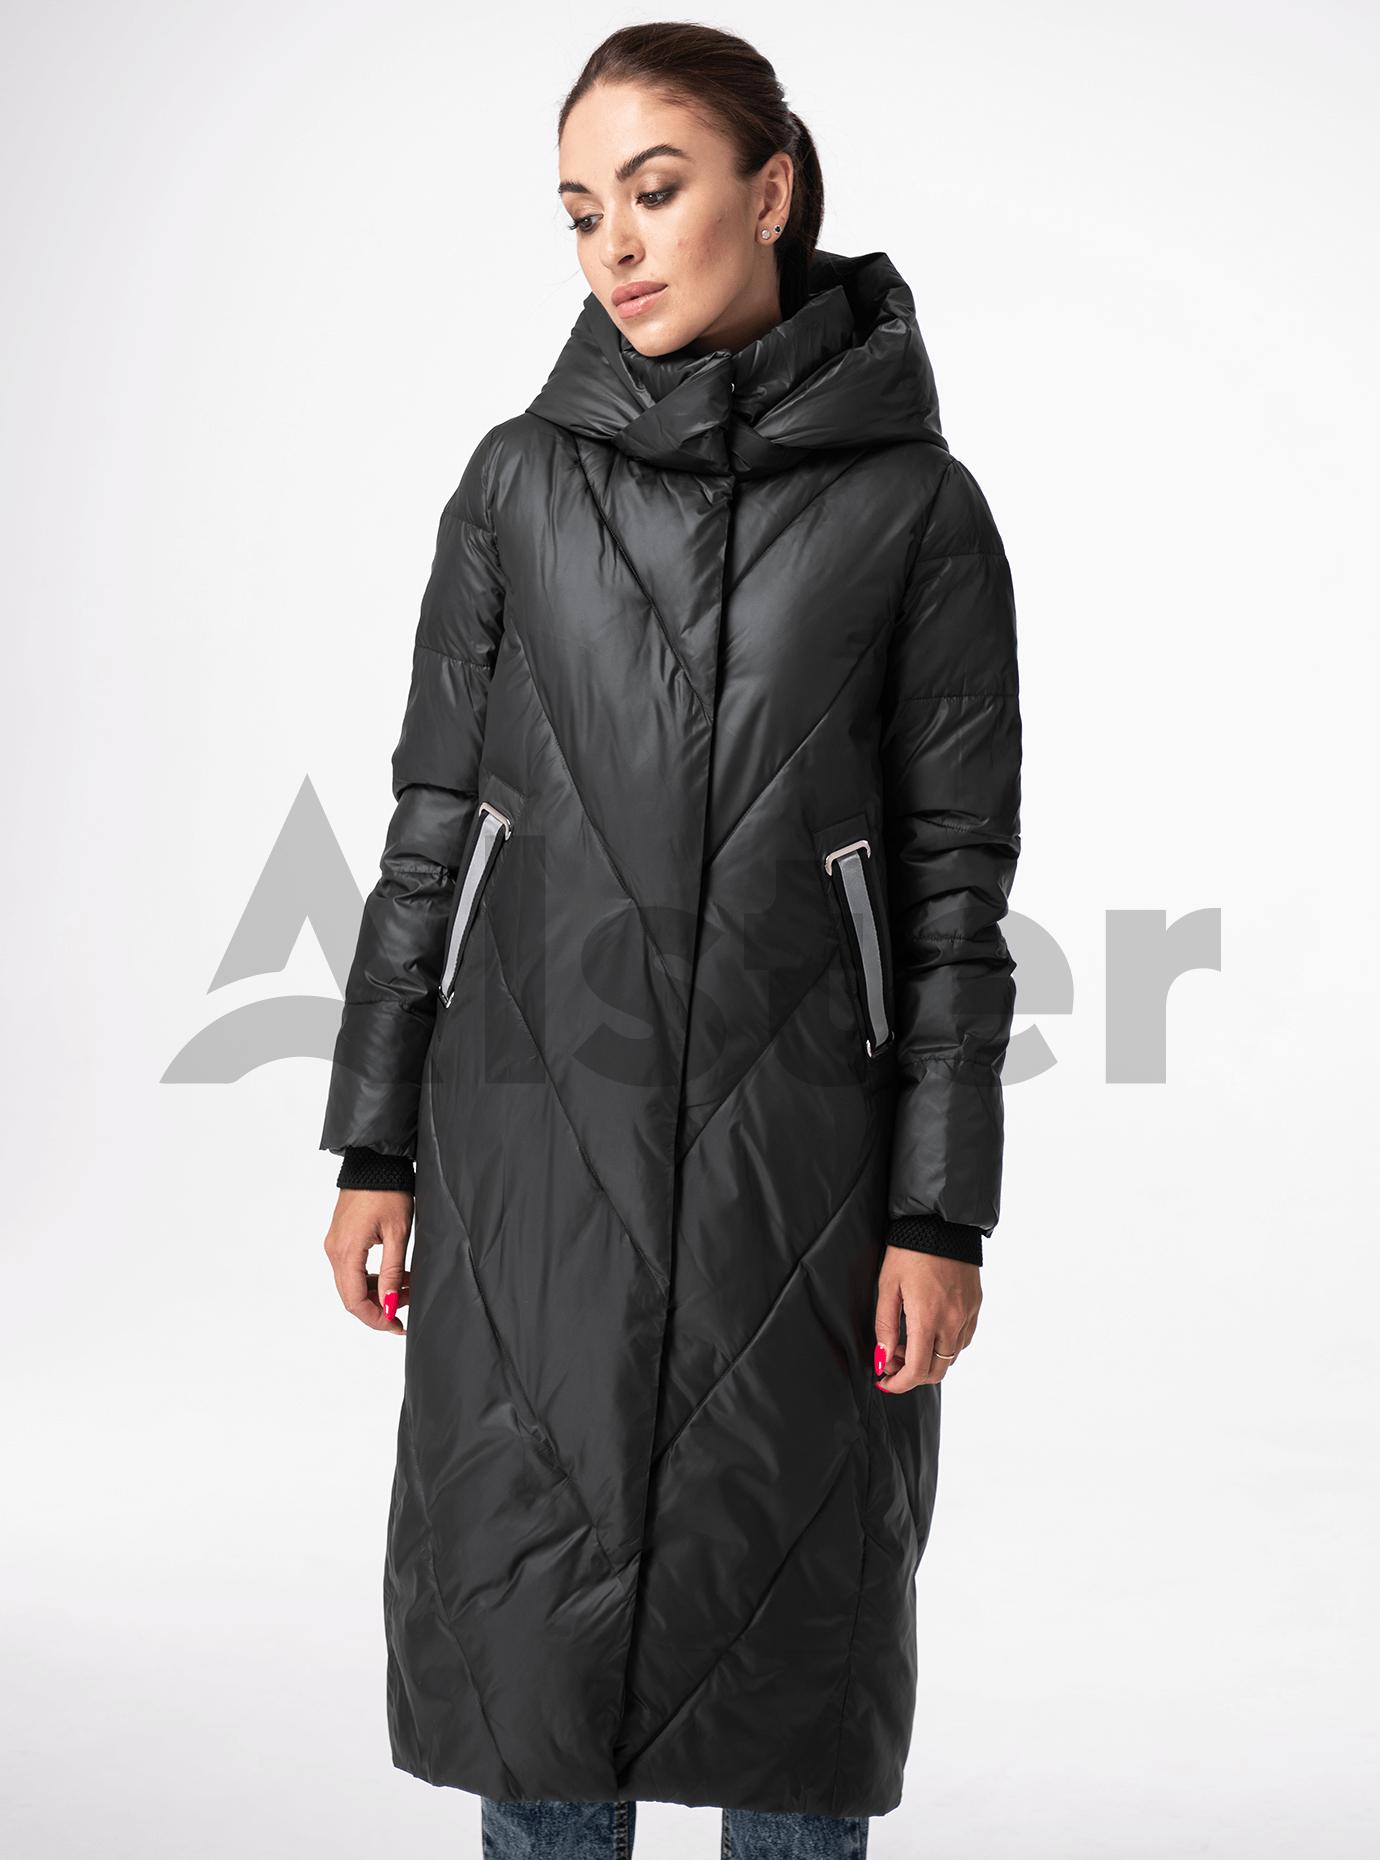 Куртка зимняя длинная прямого фасона Тёмно-серый XL (05-V191183): фото - Alster.ua